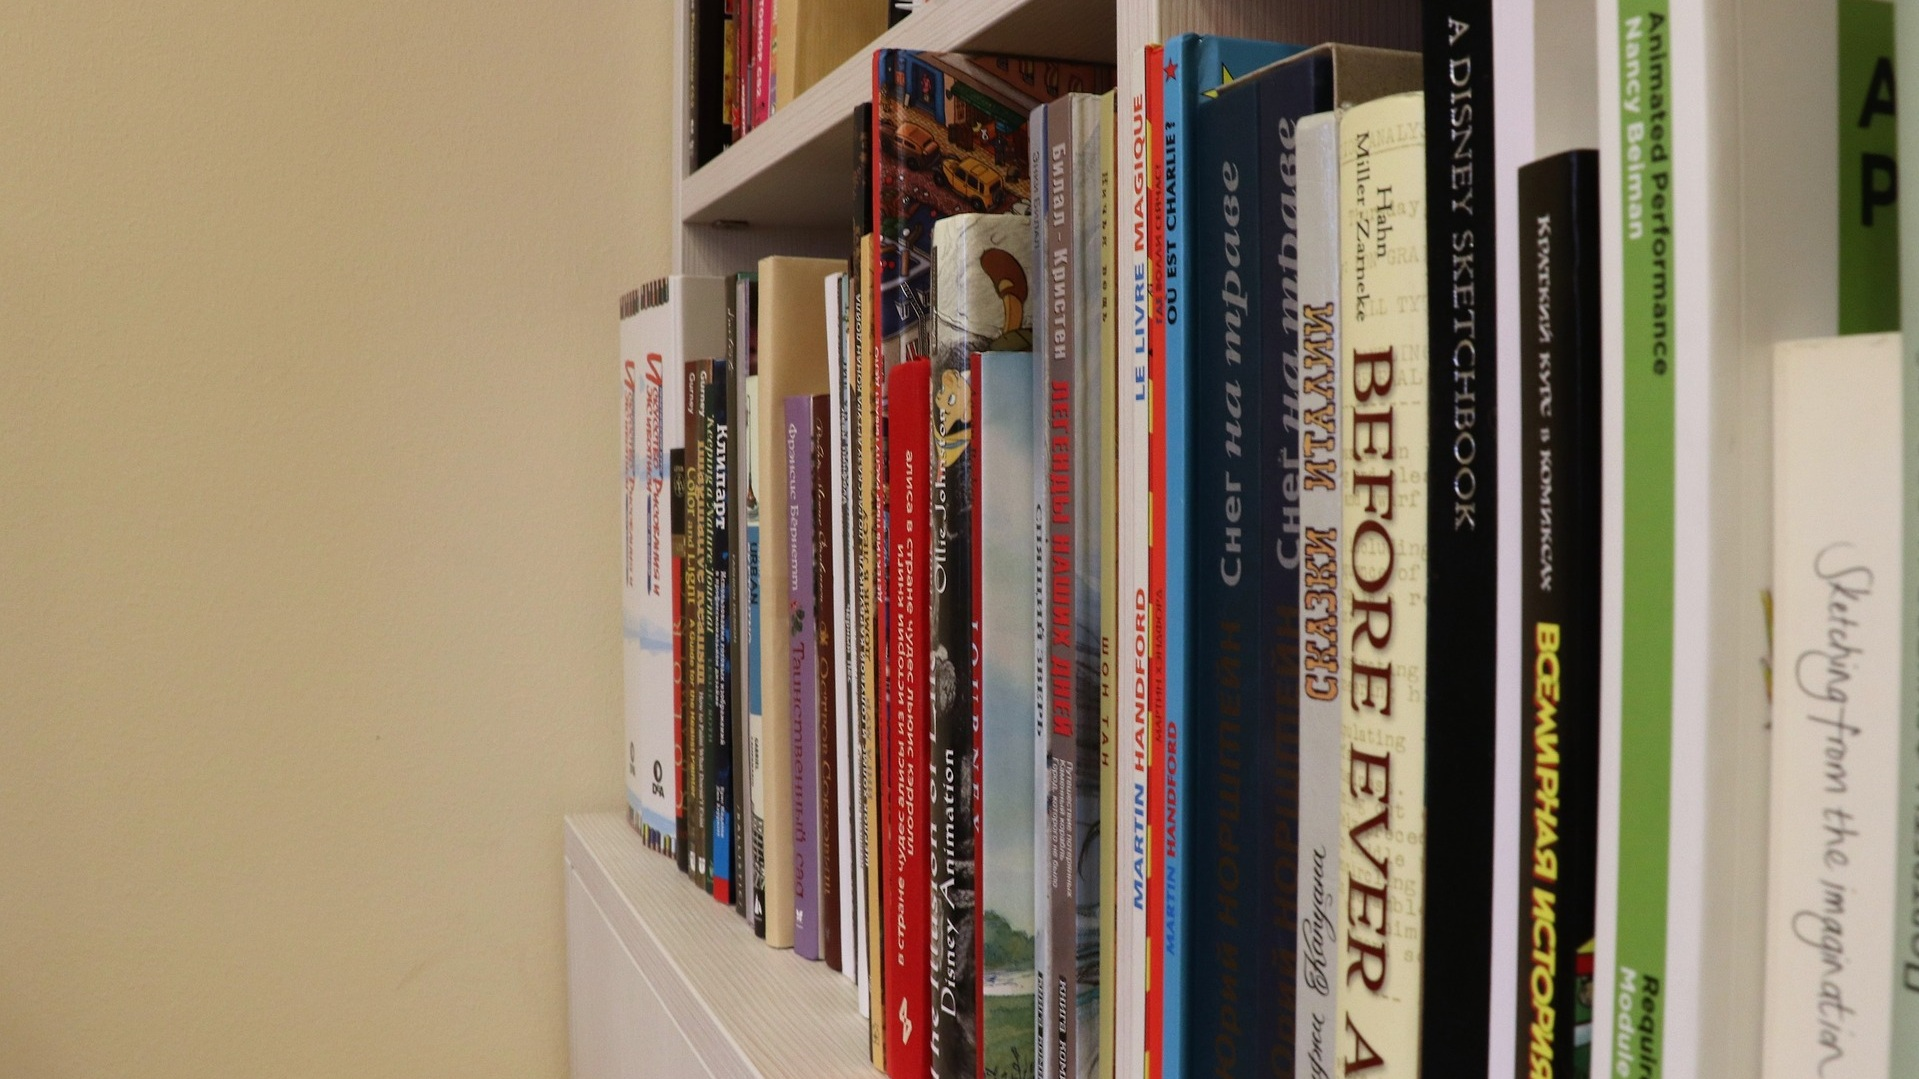 books-4005430_1920.jpg